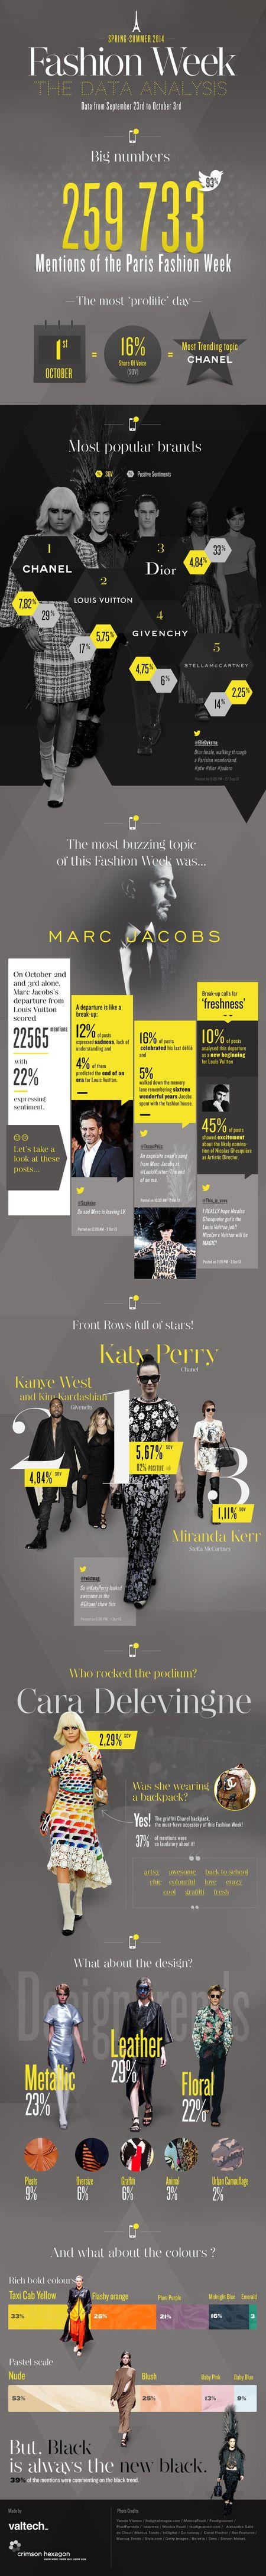 Fashion-week-valtech_infographie_fw2014_60